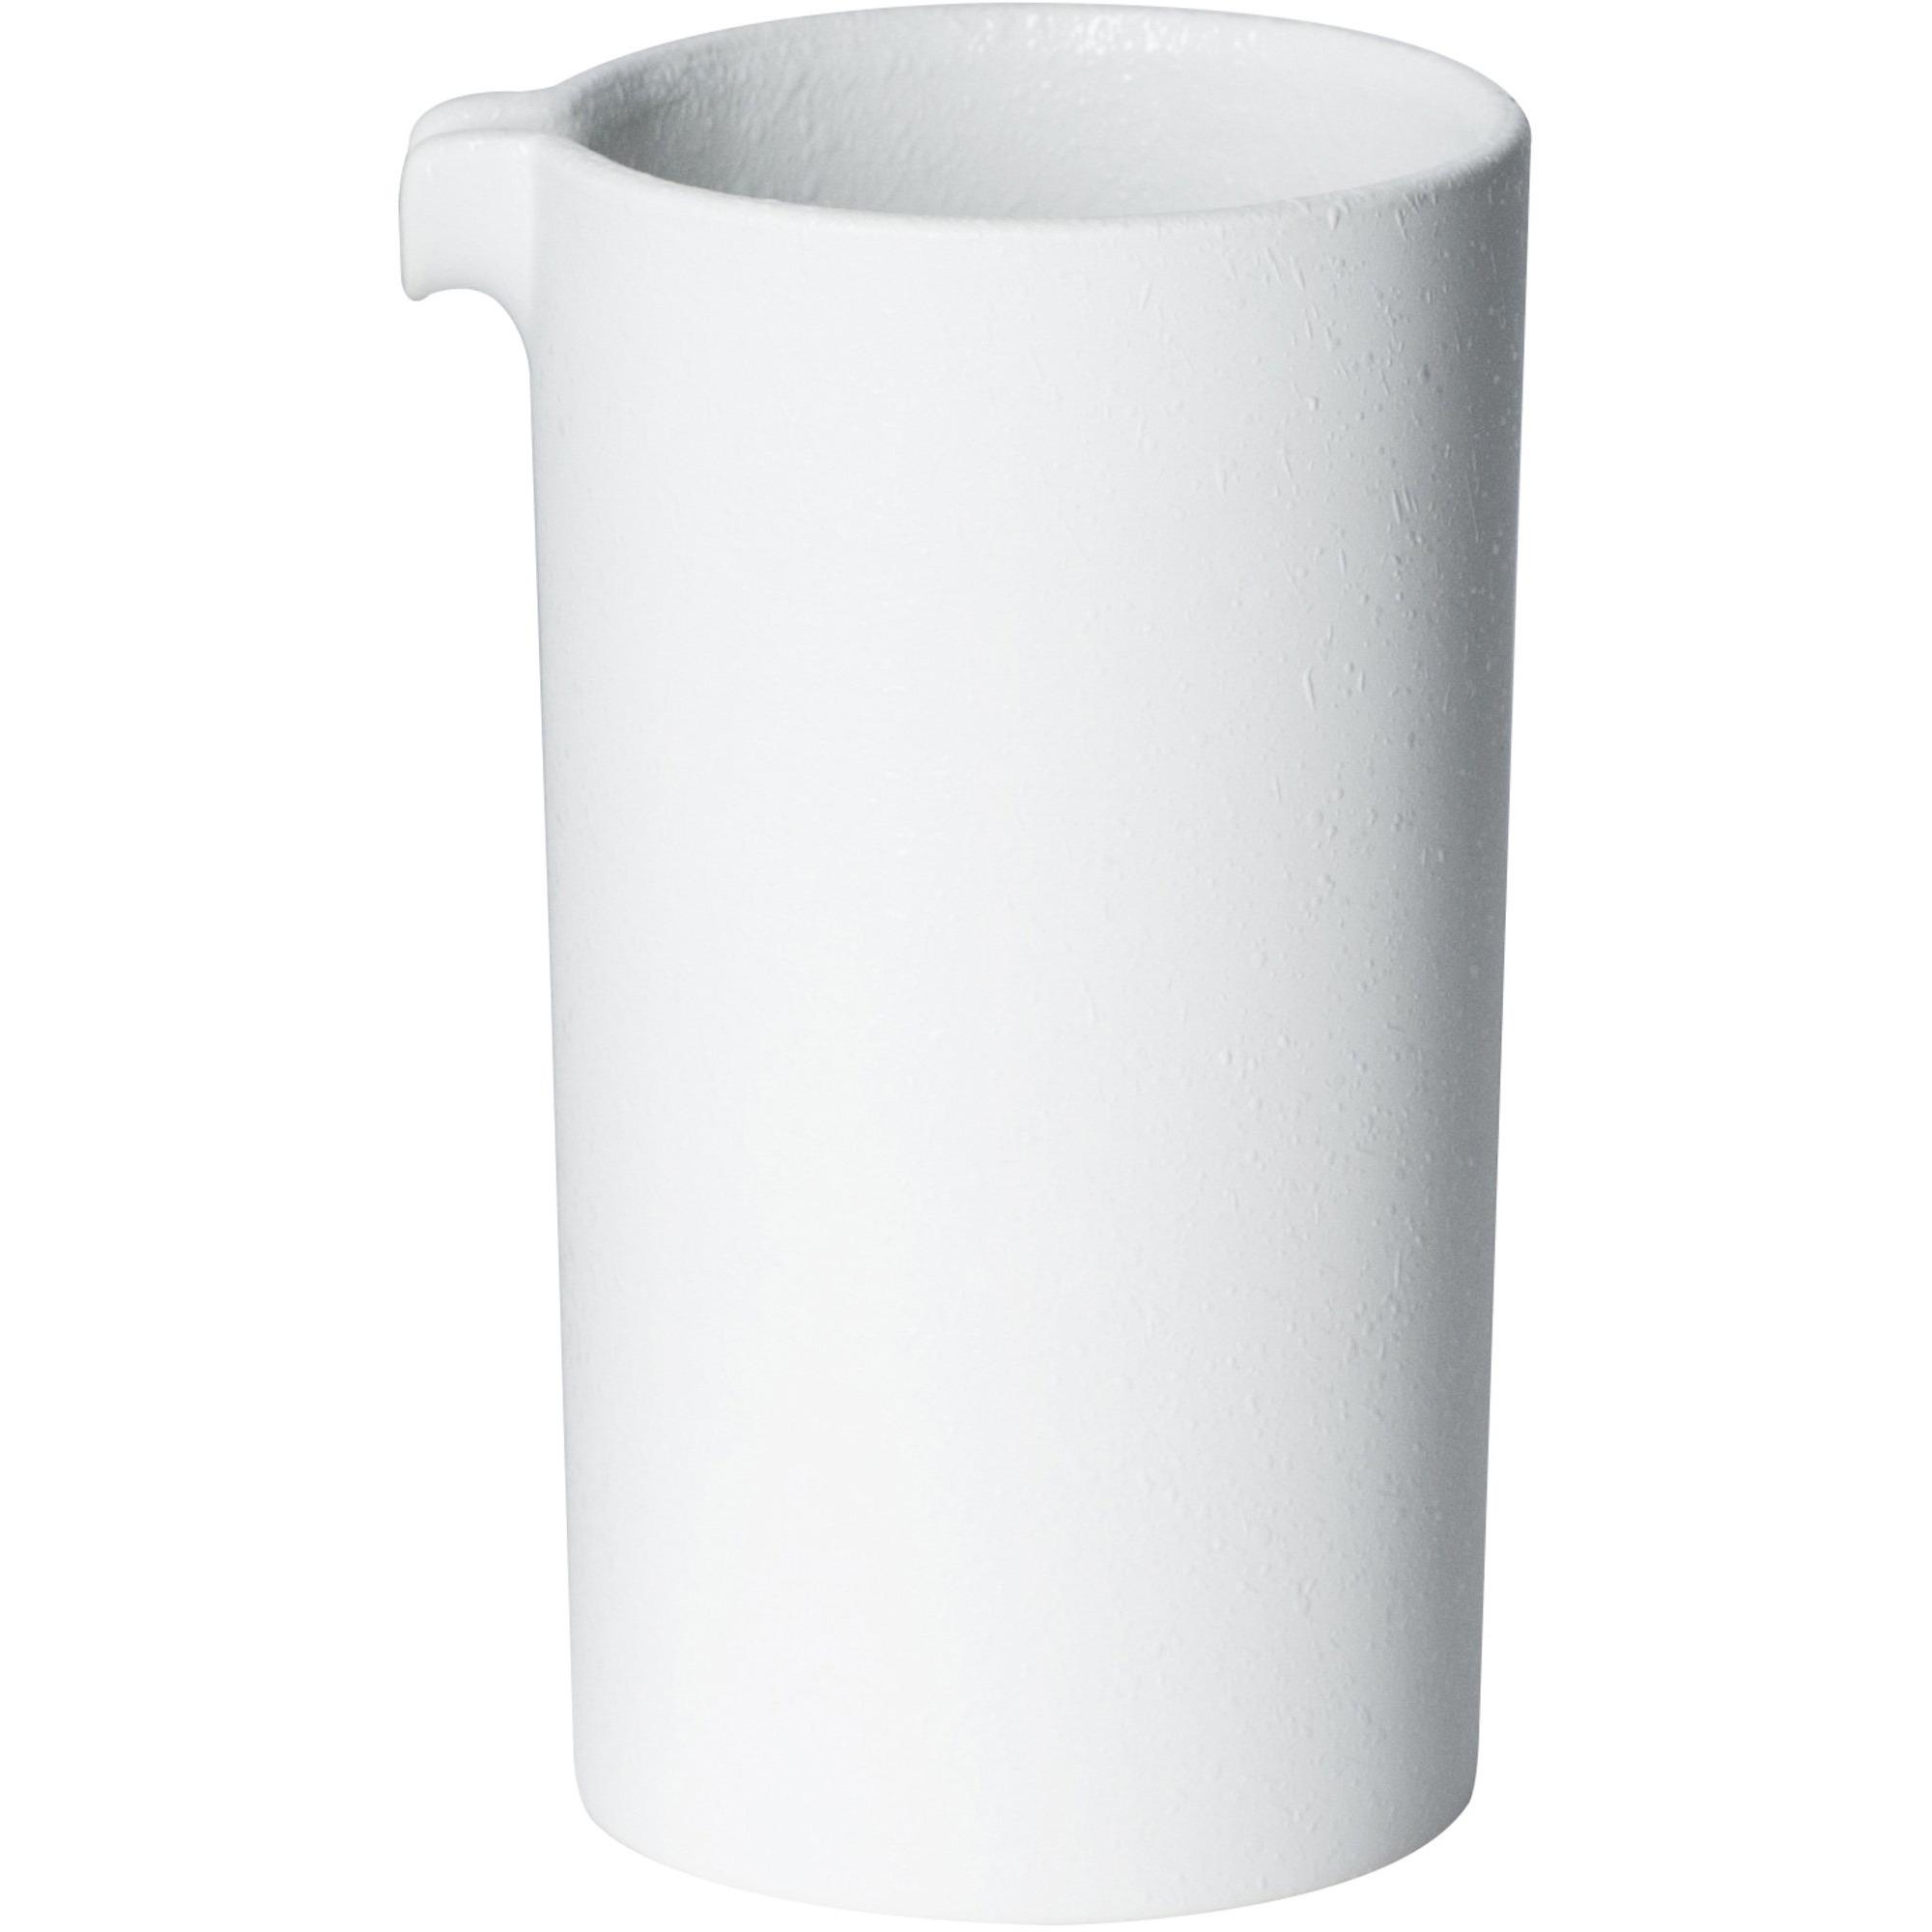 Loveramics Specialty kanna 300 ml. 6 st. Carrara